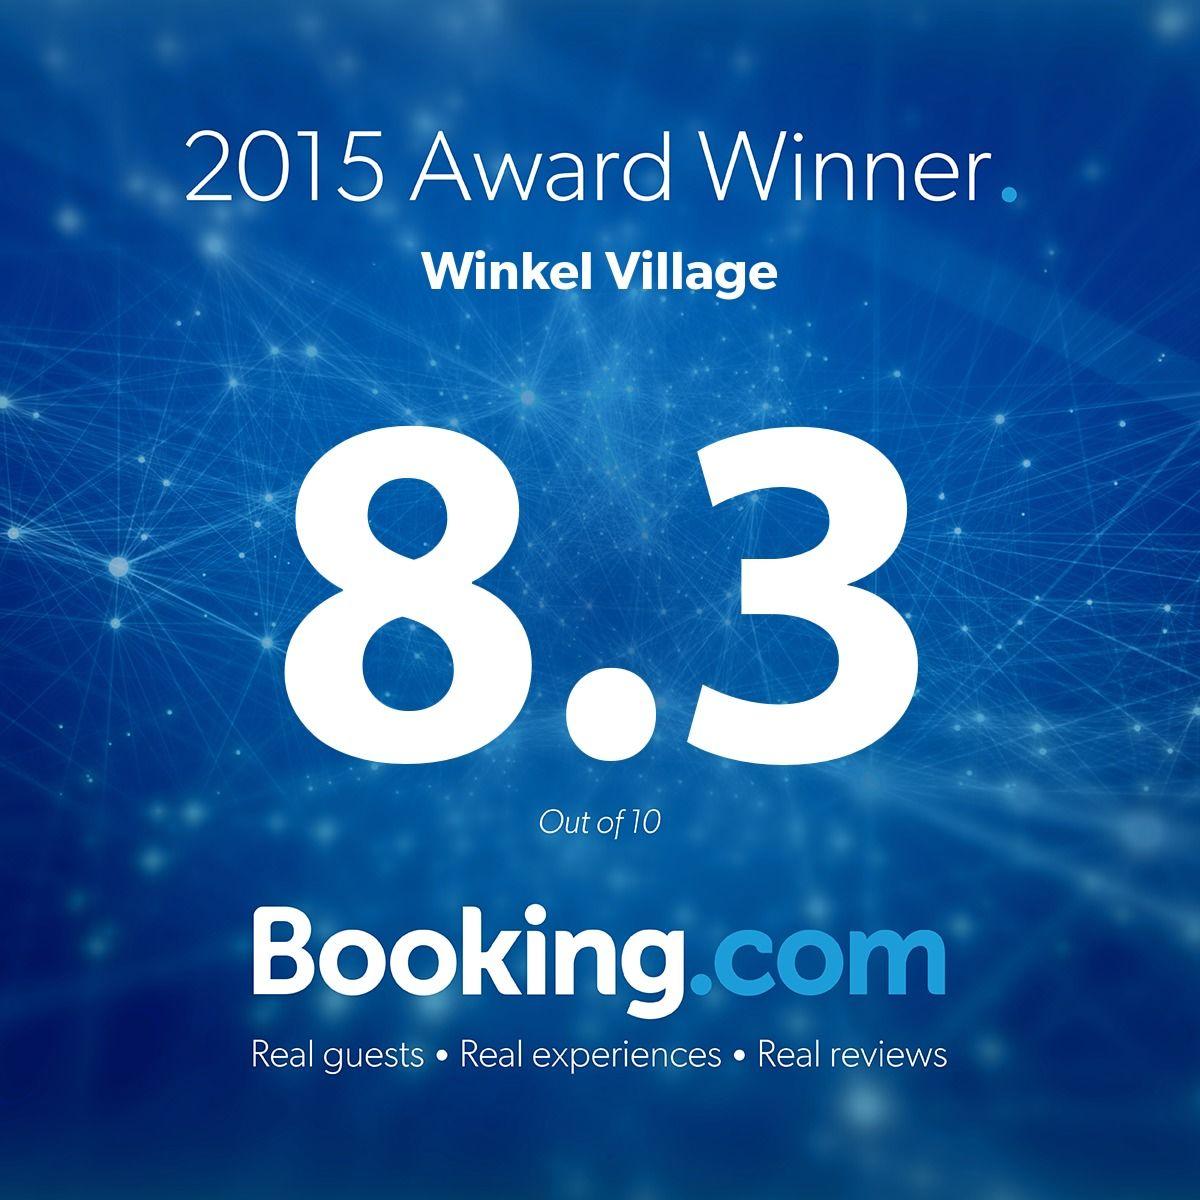 小樽朝里川温泉のウィンケルビレッジが、「Booking.com」の「クチコミアワード2015」を受賞!